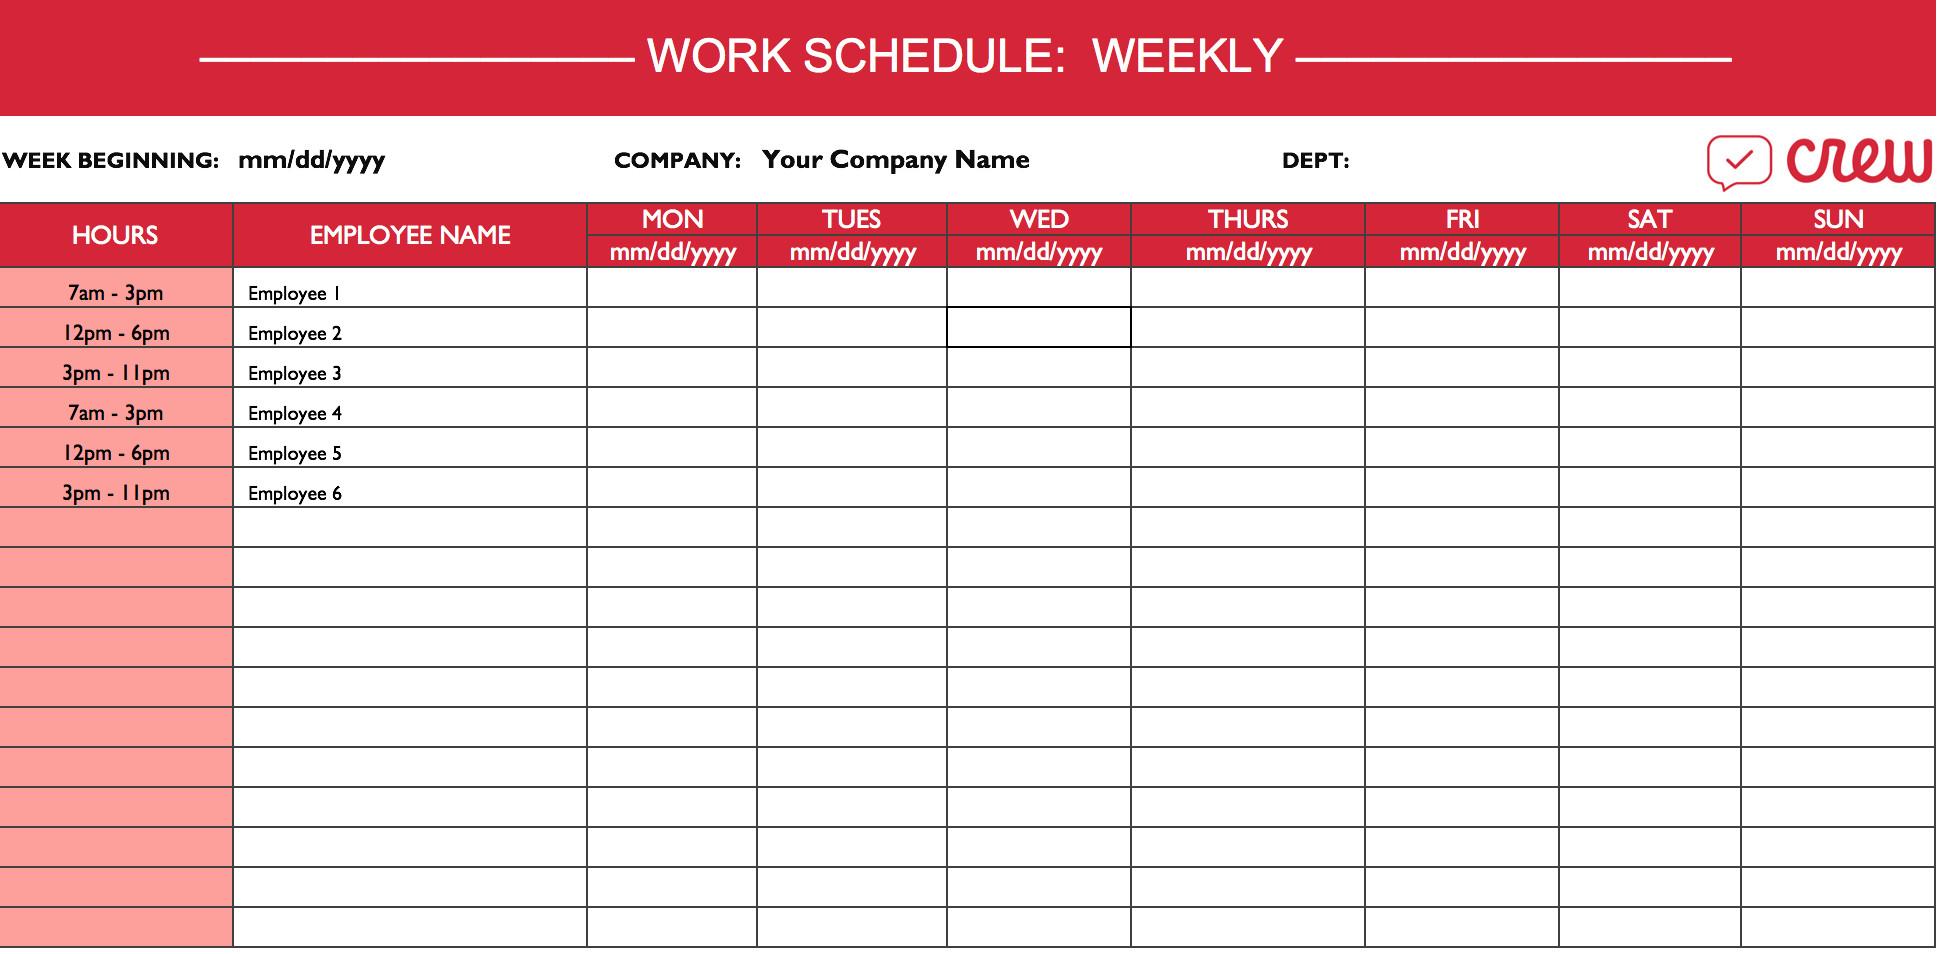 Excel Employee Schedule Template Weekly Work Schedule Template I Crew